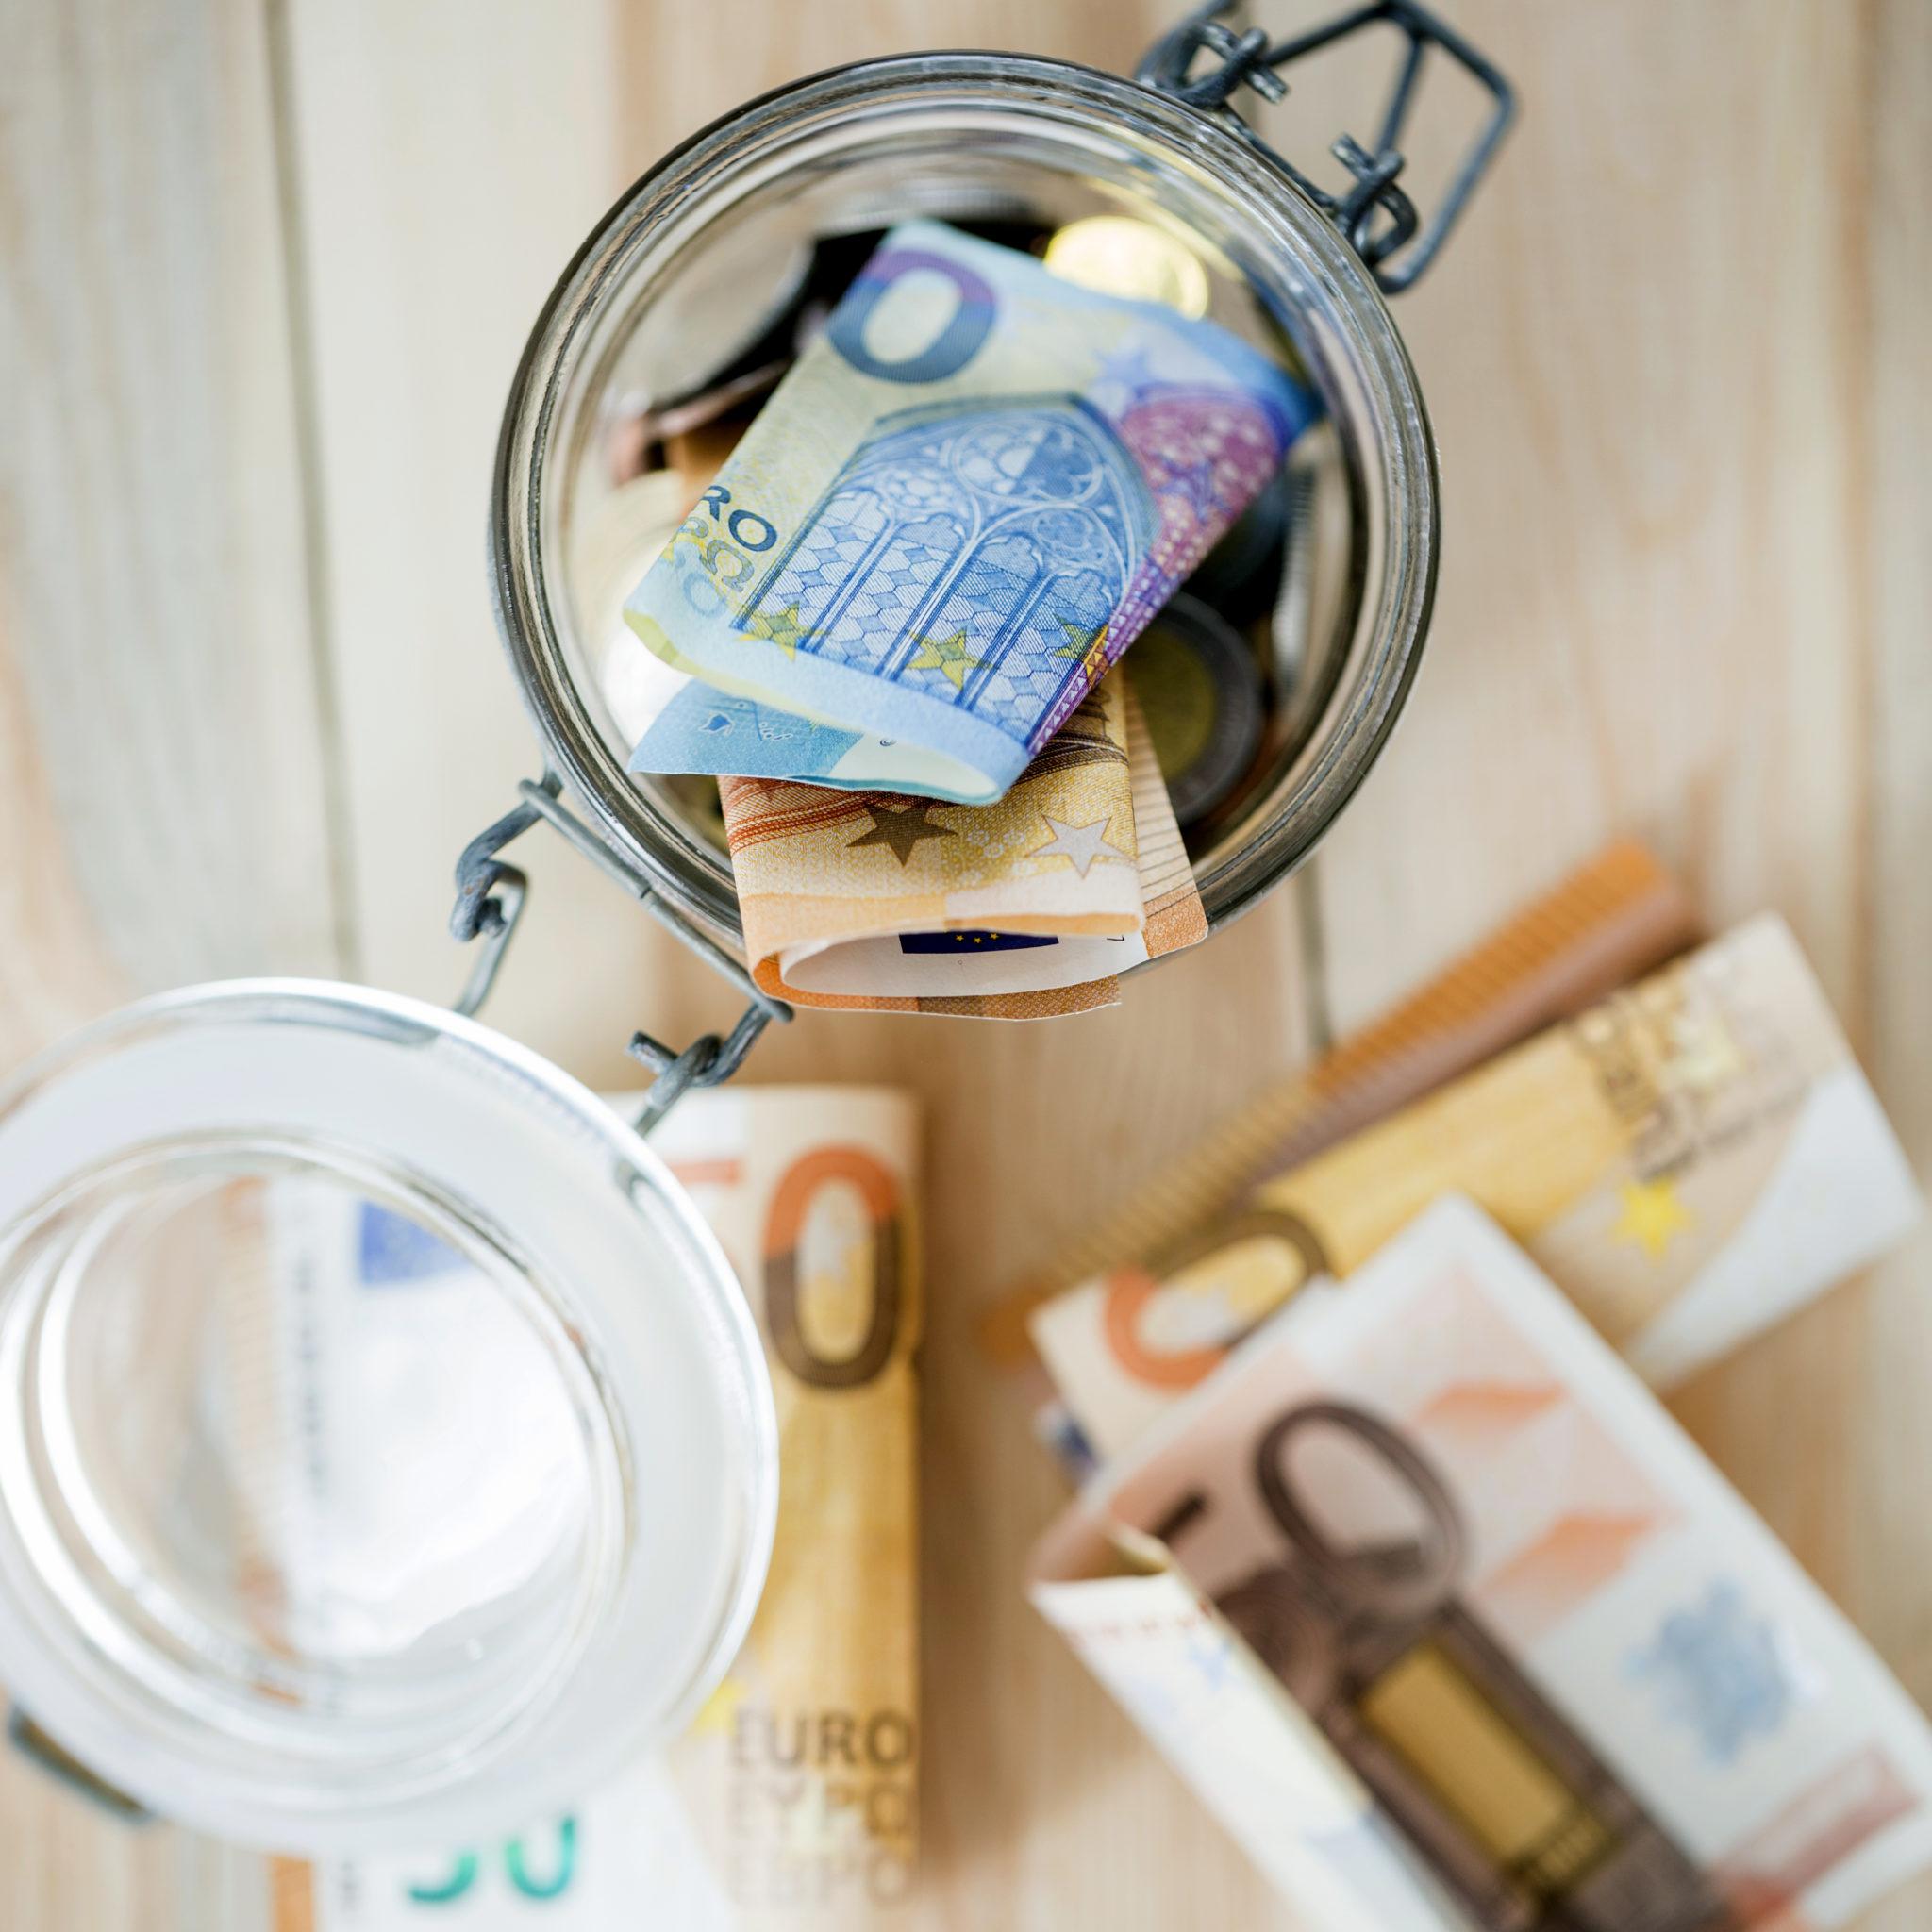 Bien gérer son budget pour assainir ses finances